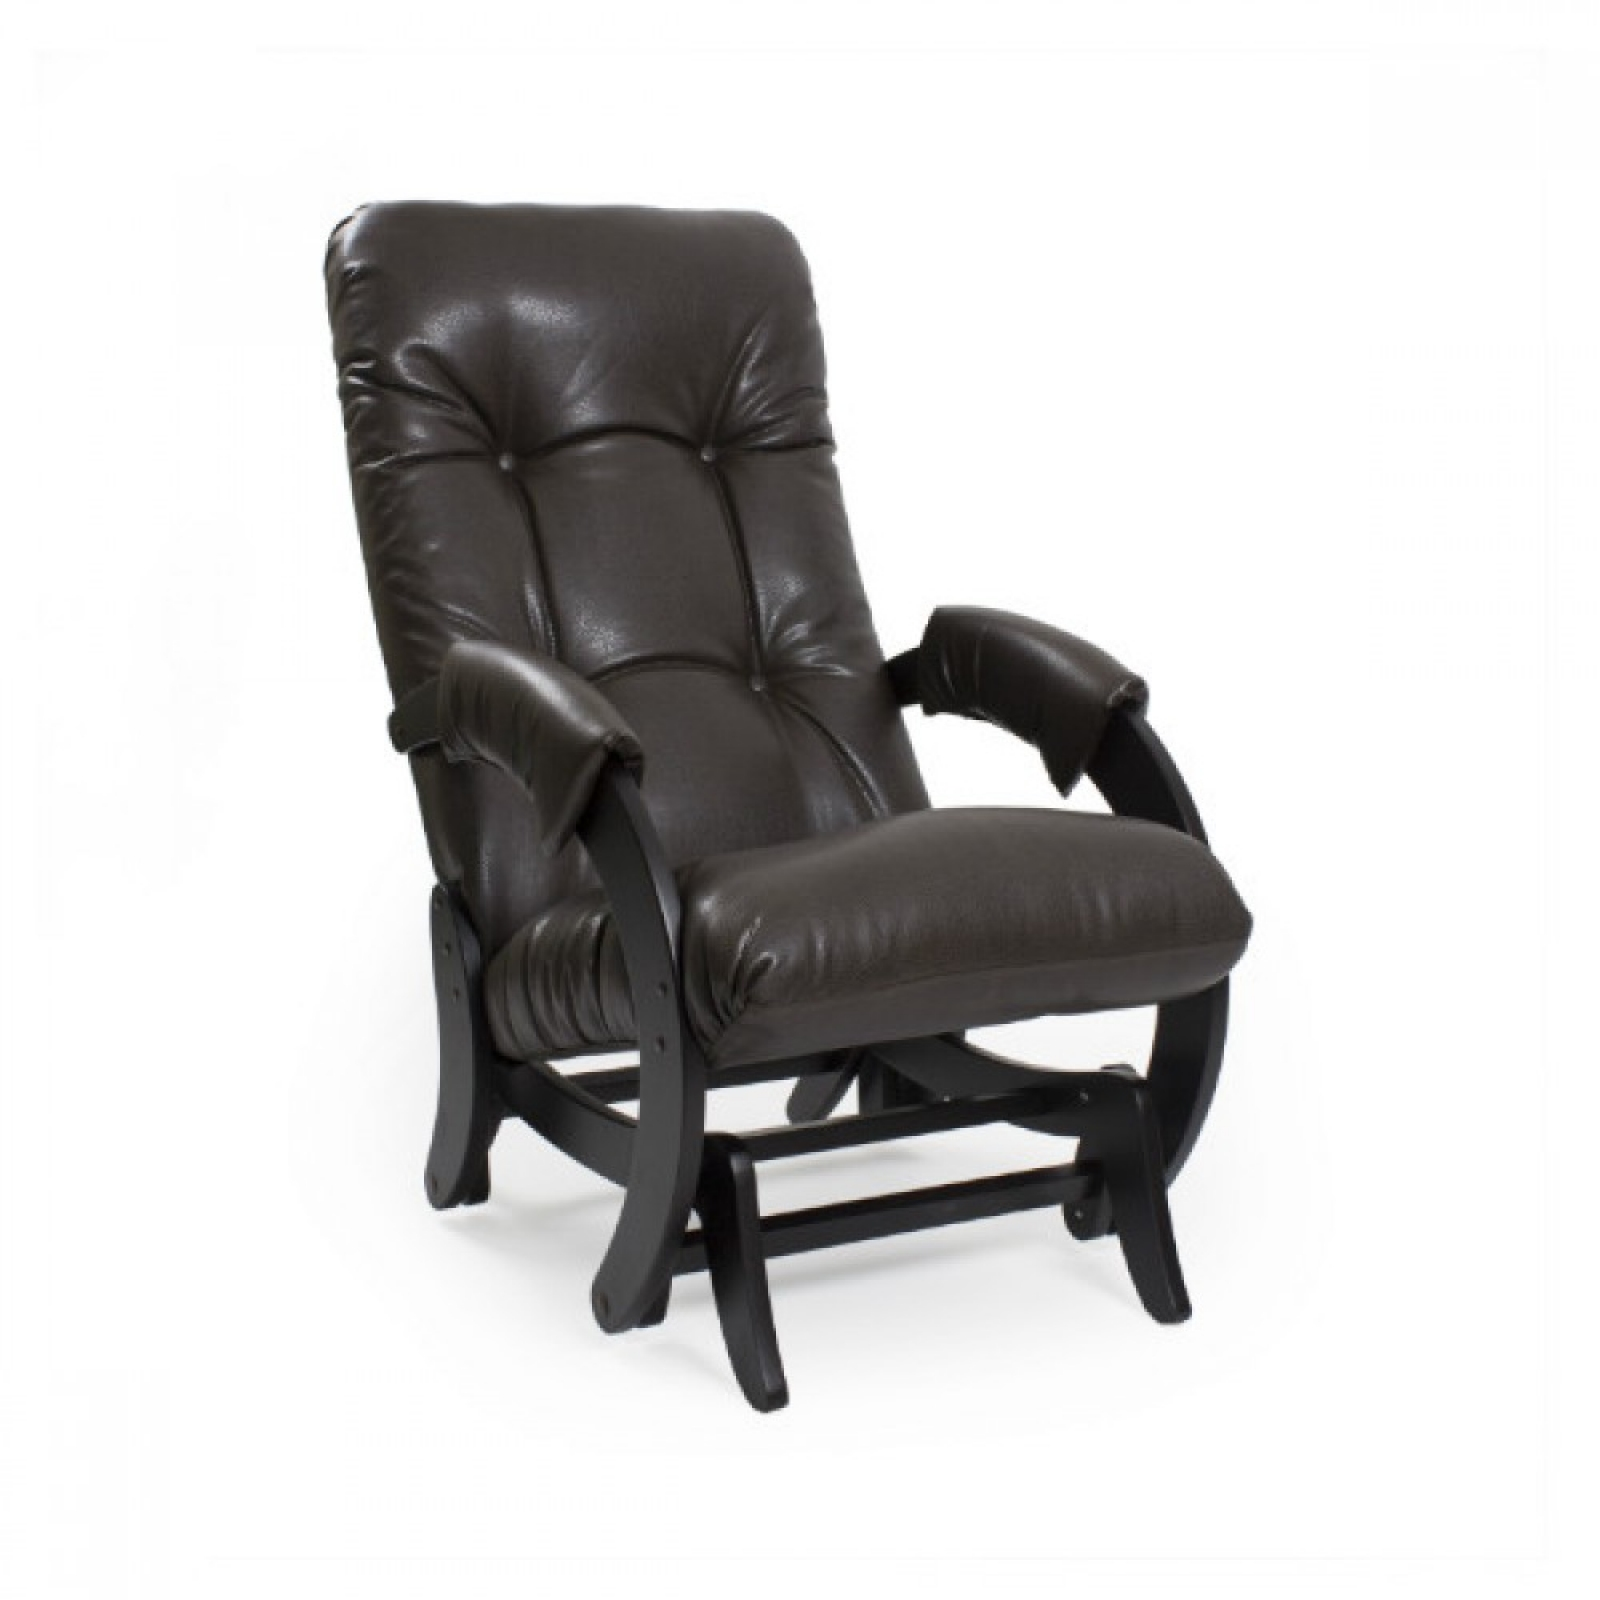 """Кресло-качалка """"Глайдер"""", Модель 68 Венге/Дунди 108 - 1"""